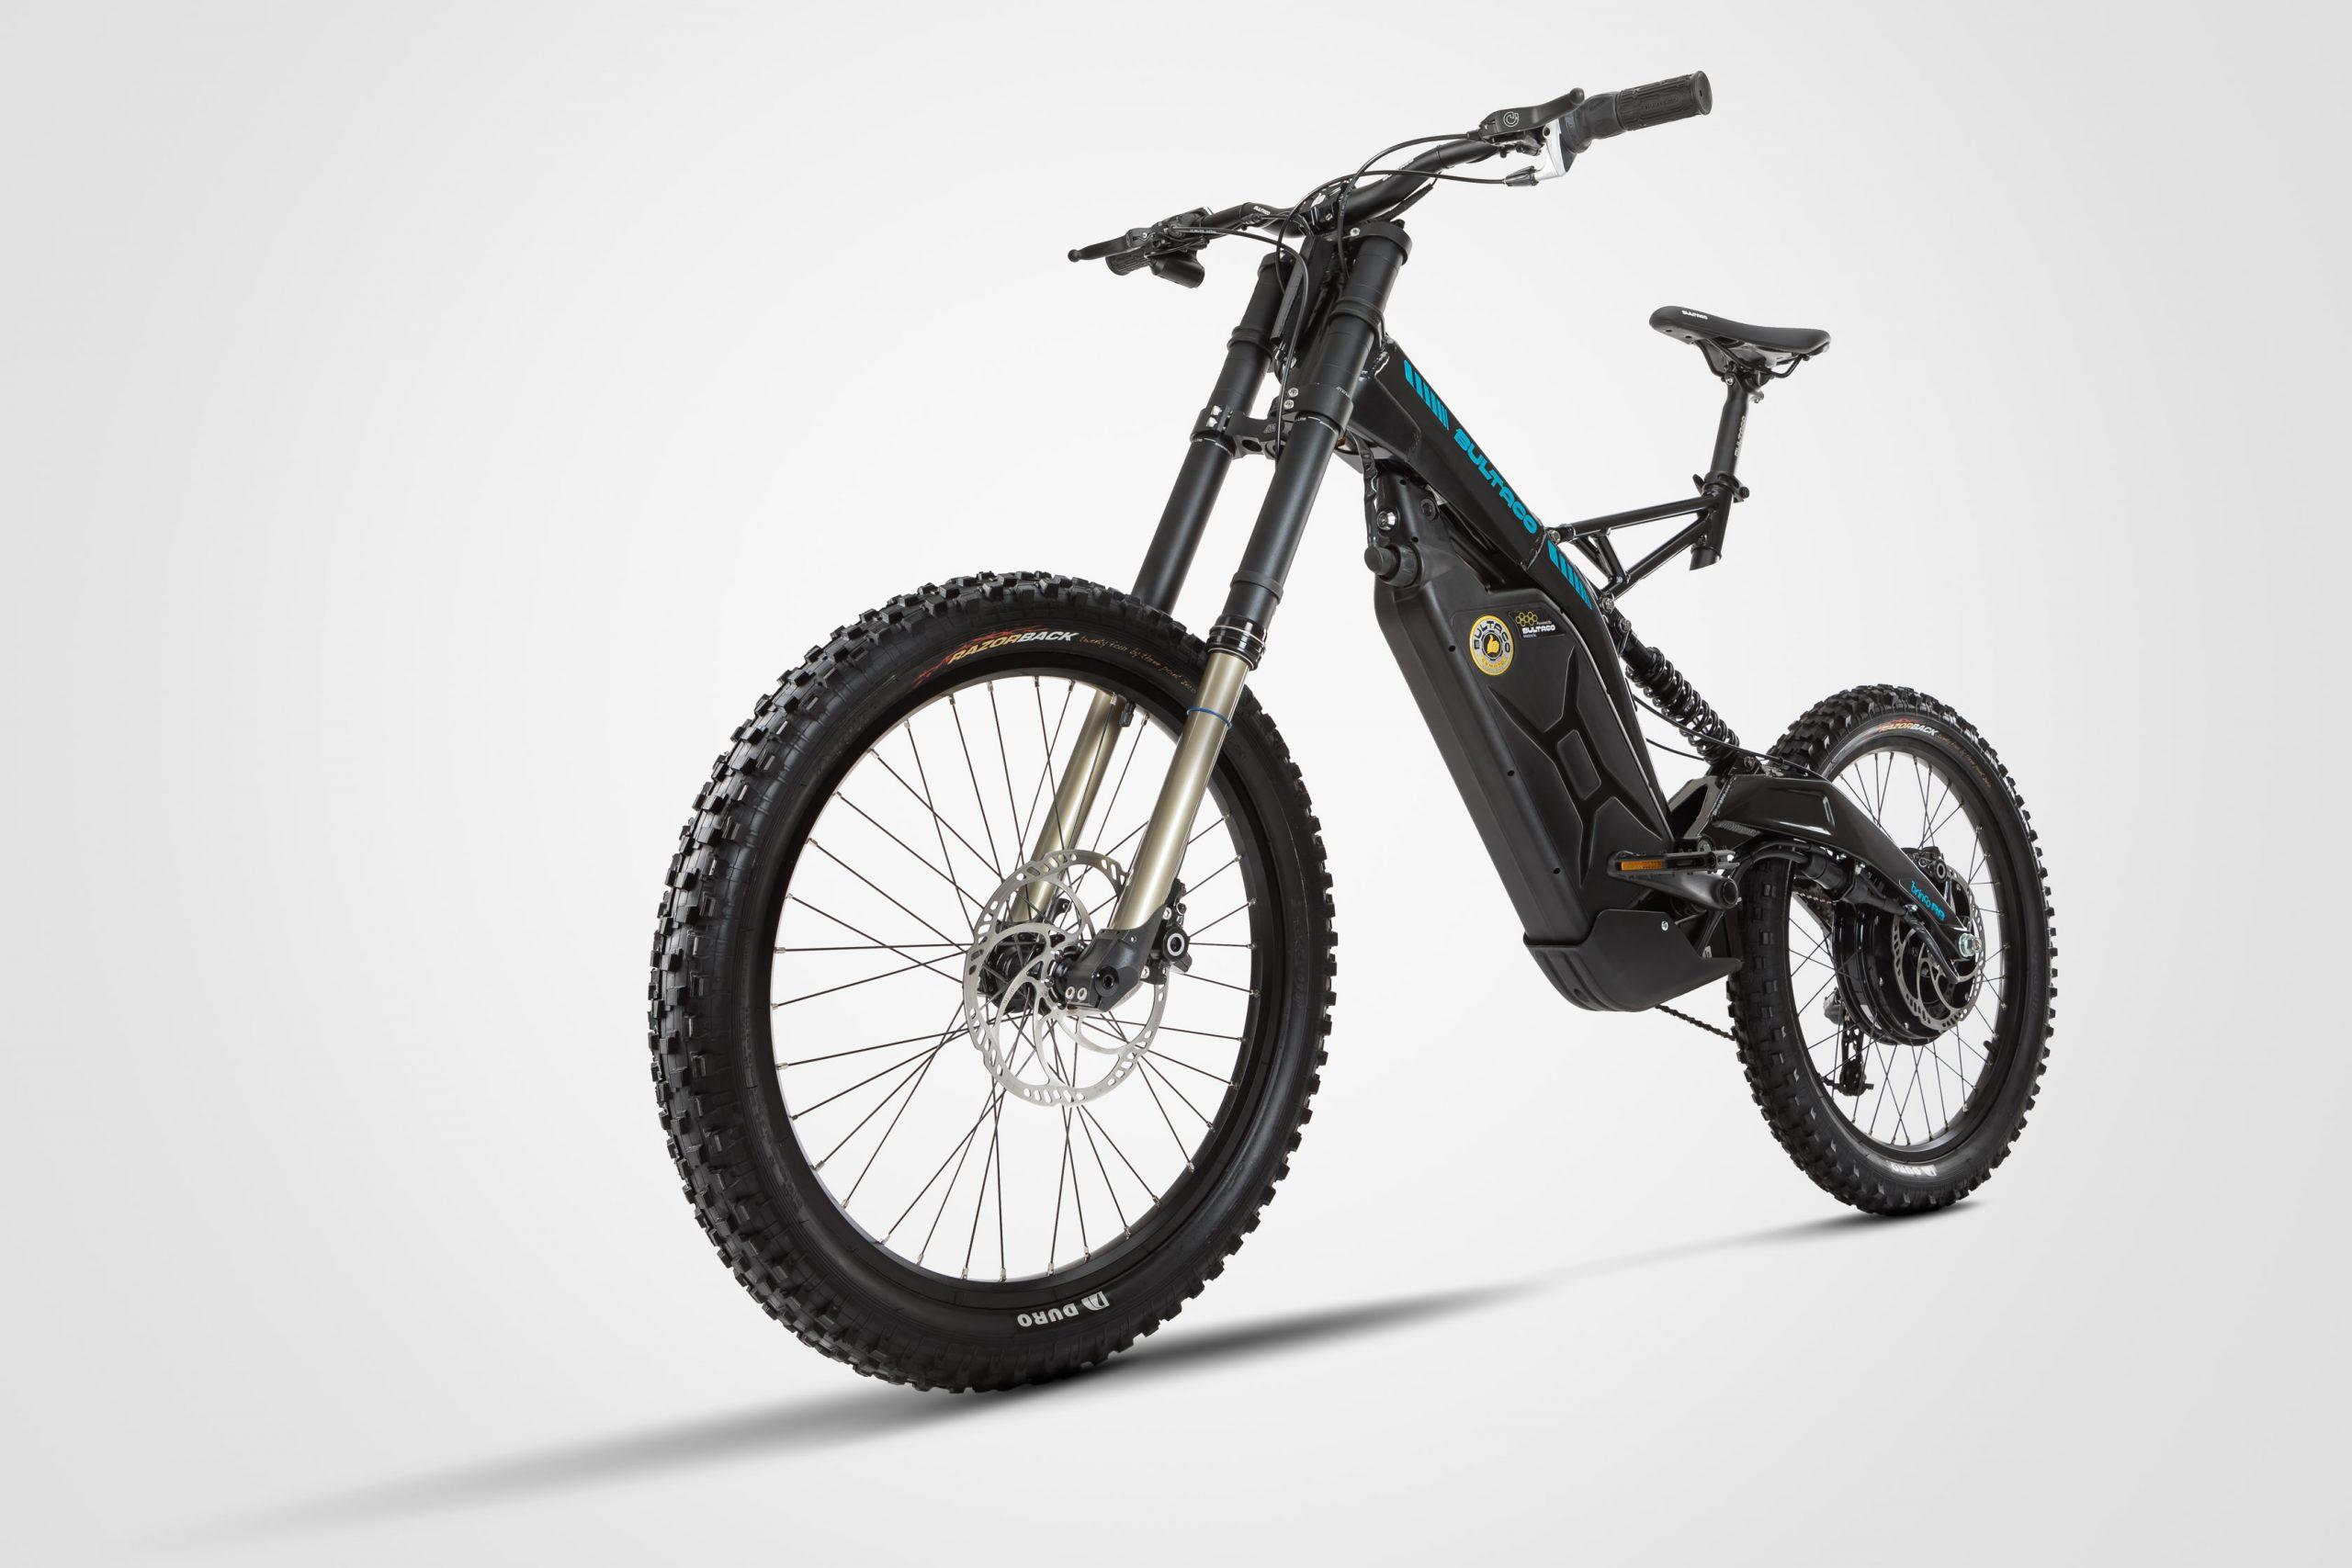 BULTACO BICYCLE